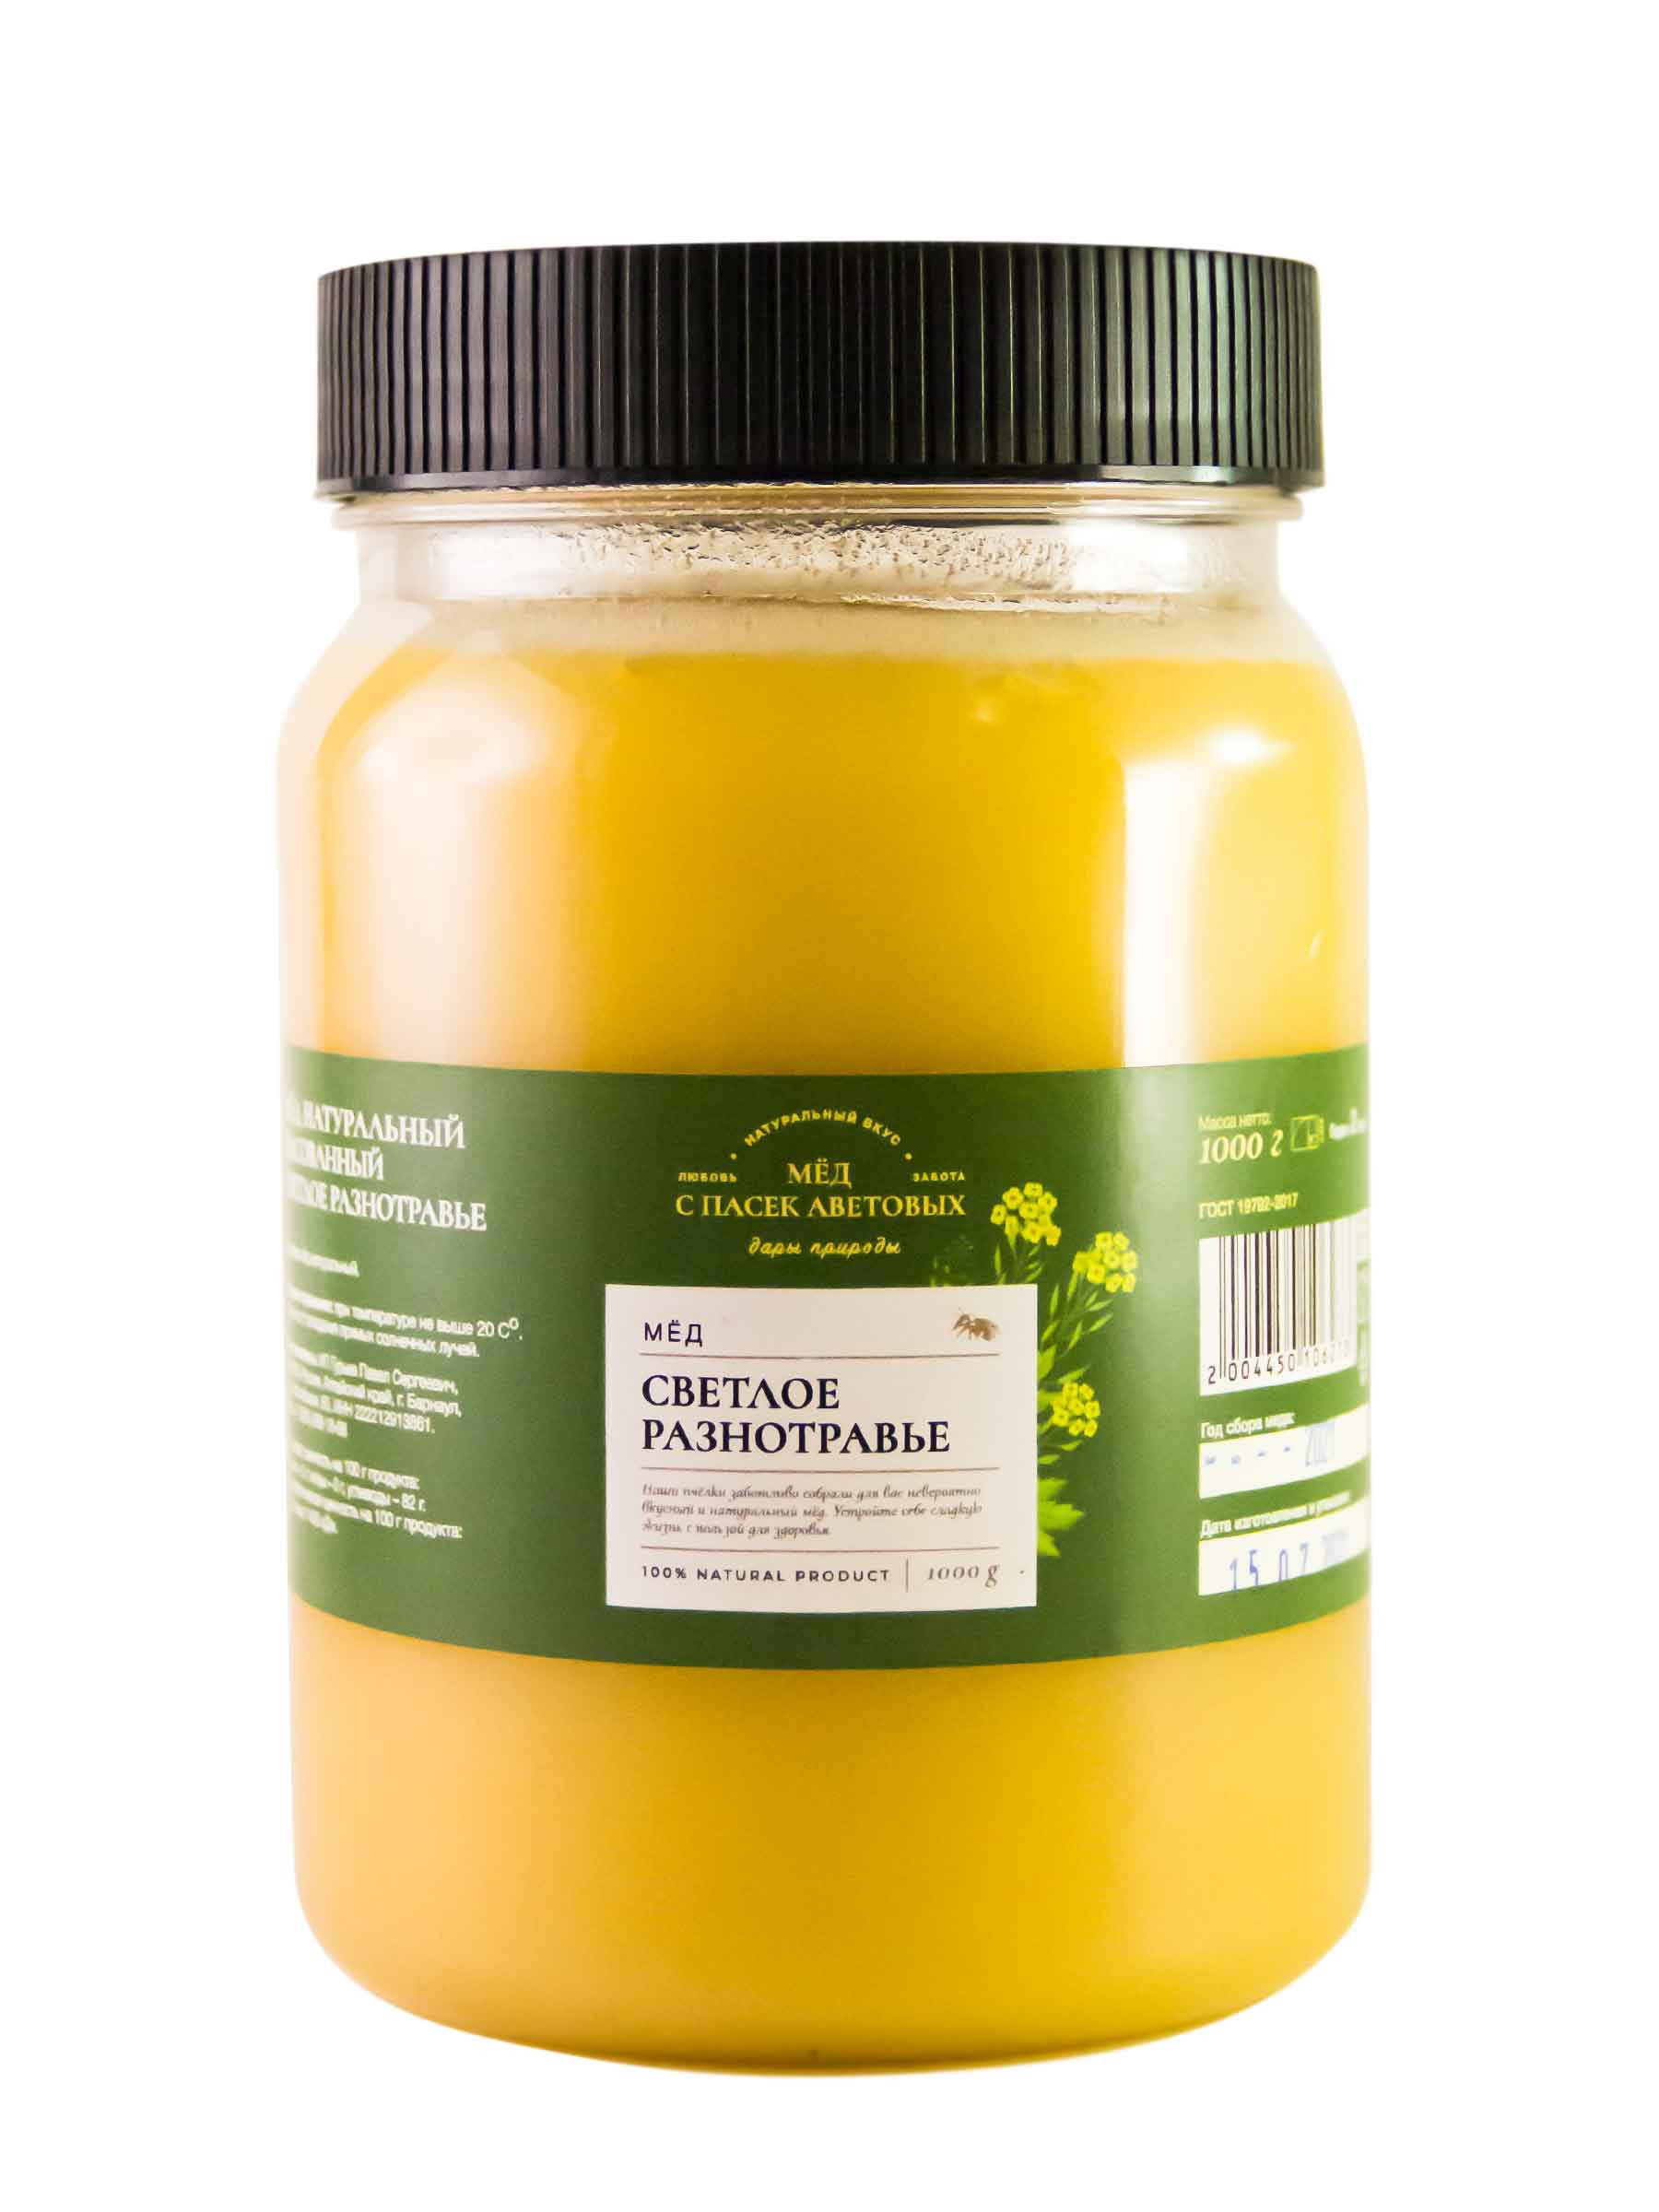 Мёд натуральный Пасека Аветовых Разнотравье светлое 1000 грамм